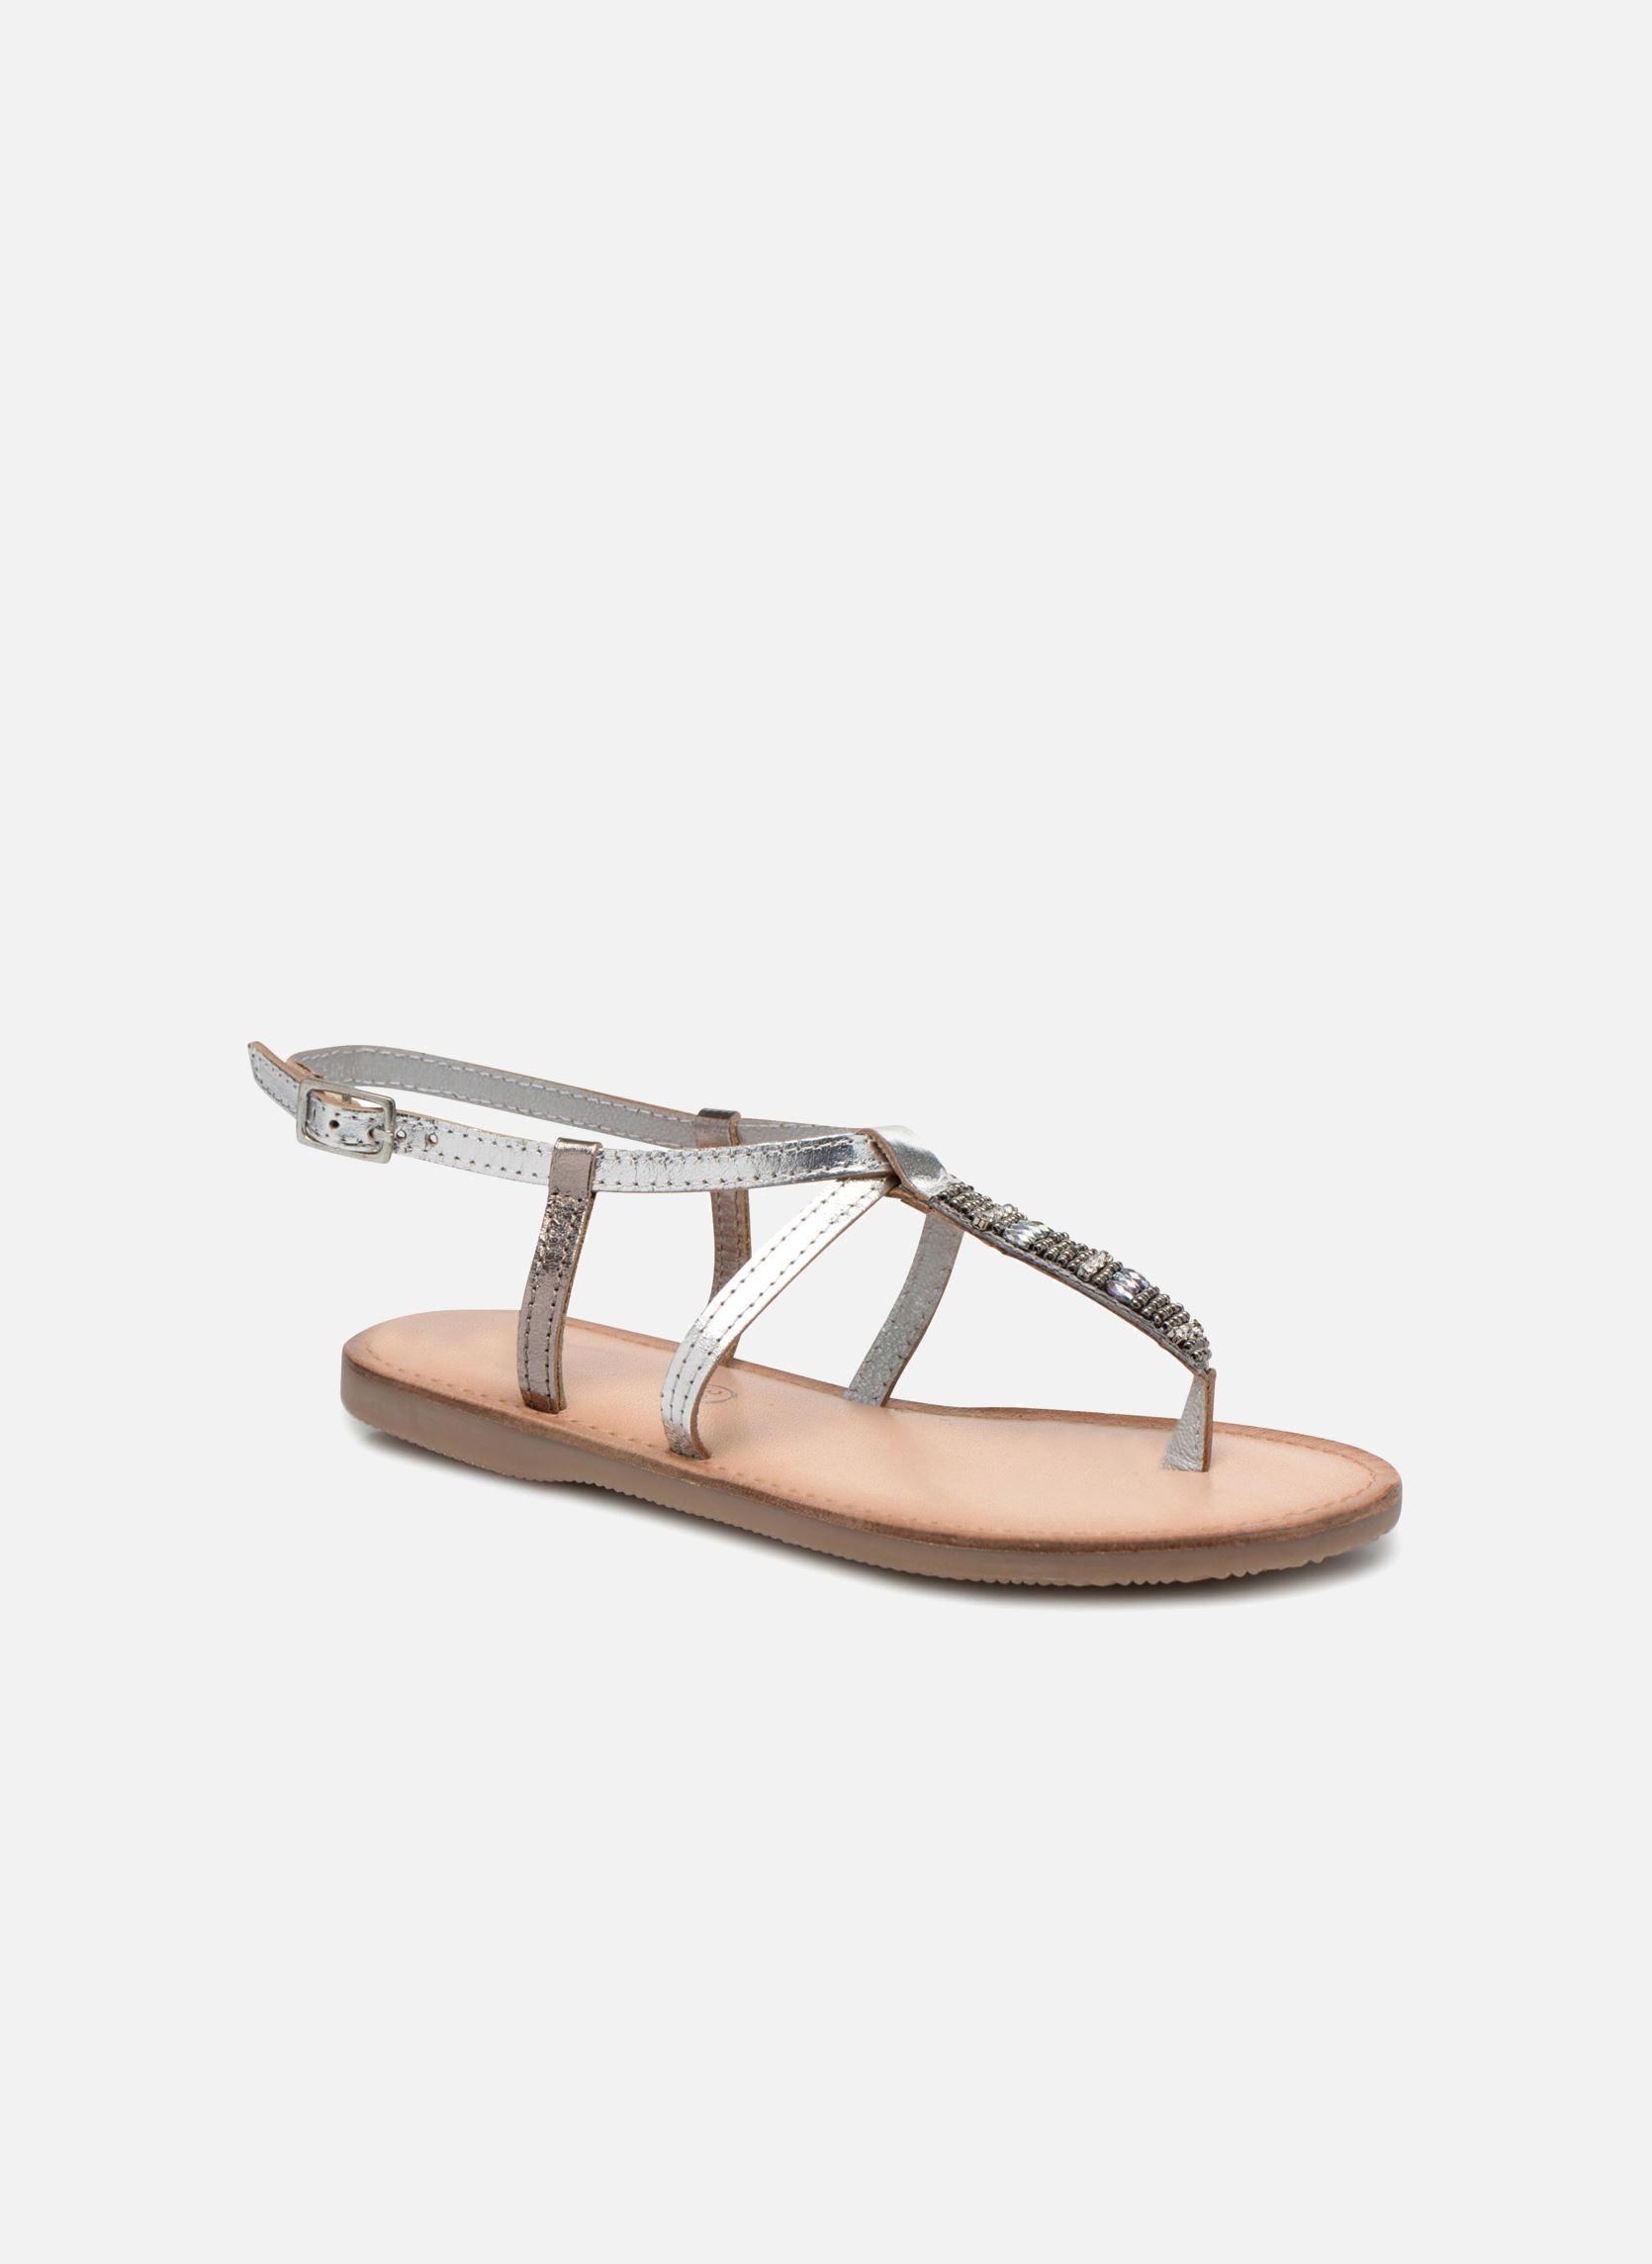 initiale paris miro argent sandales et nu pieds chez sarenza 242640. Black Bedroom Furniture Sets. Home Design Ideas